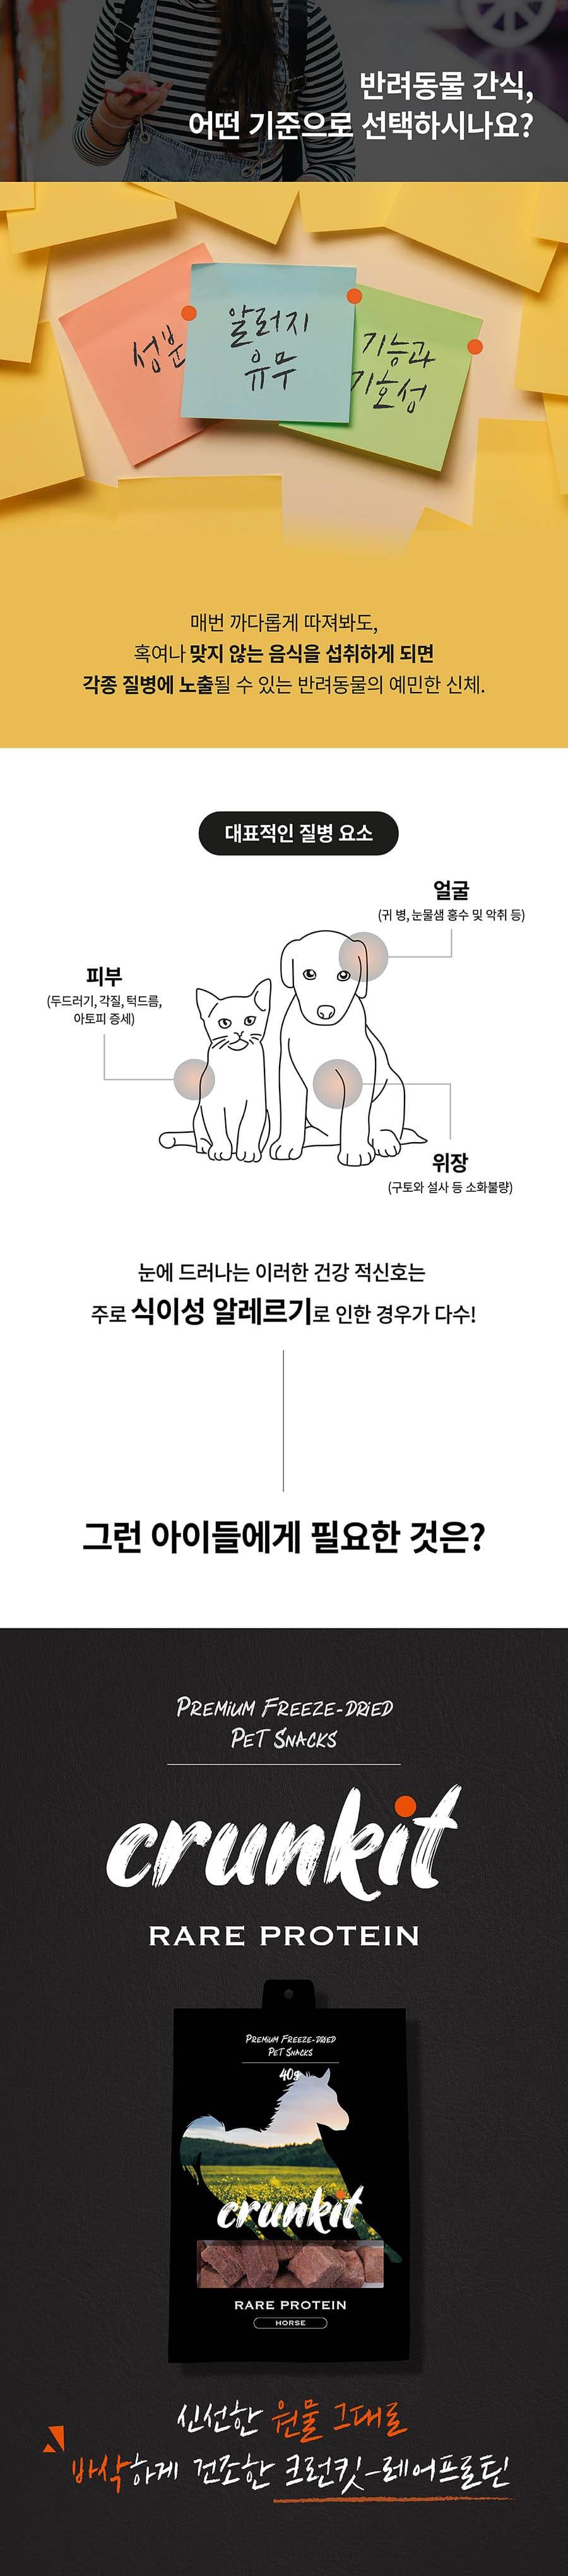 it 크런킷 레어프로틴 (열빙어/캥거루/상어순살/말고기/껍질연어)-상품이미지-6